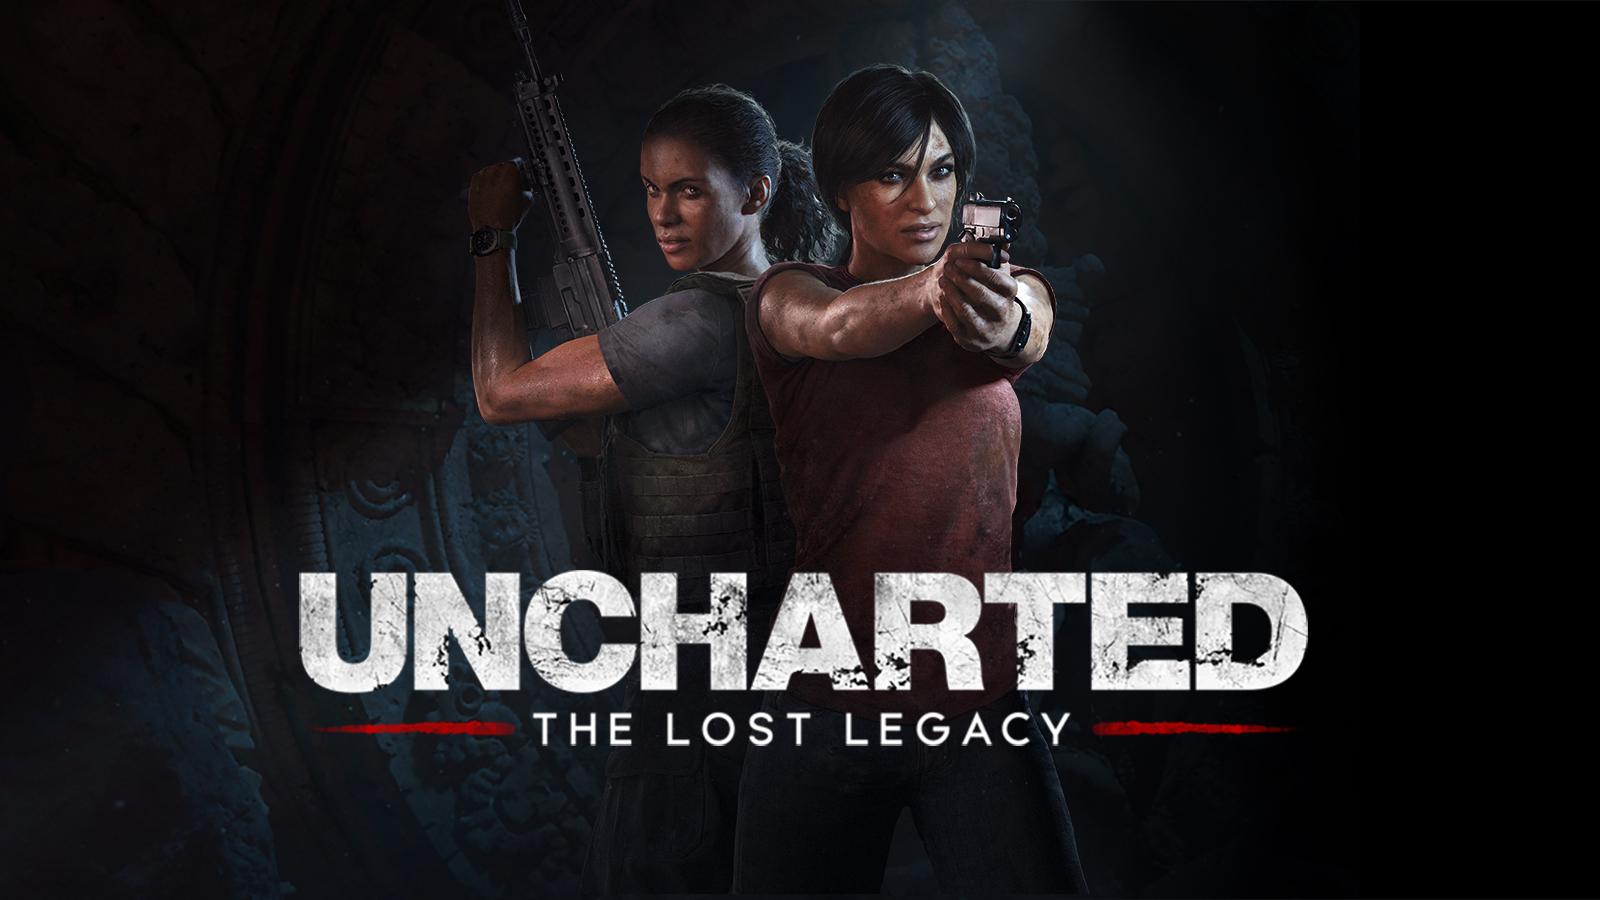 Uncharted podría seguir la línea de explorar nuevos personajes